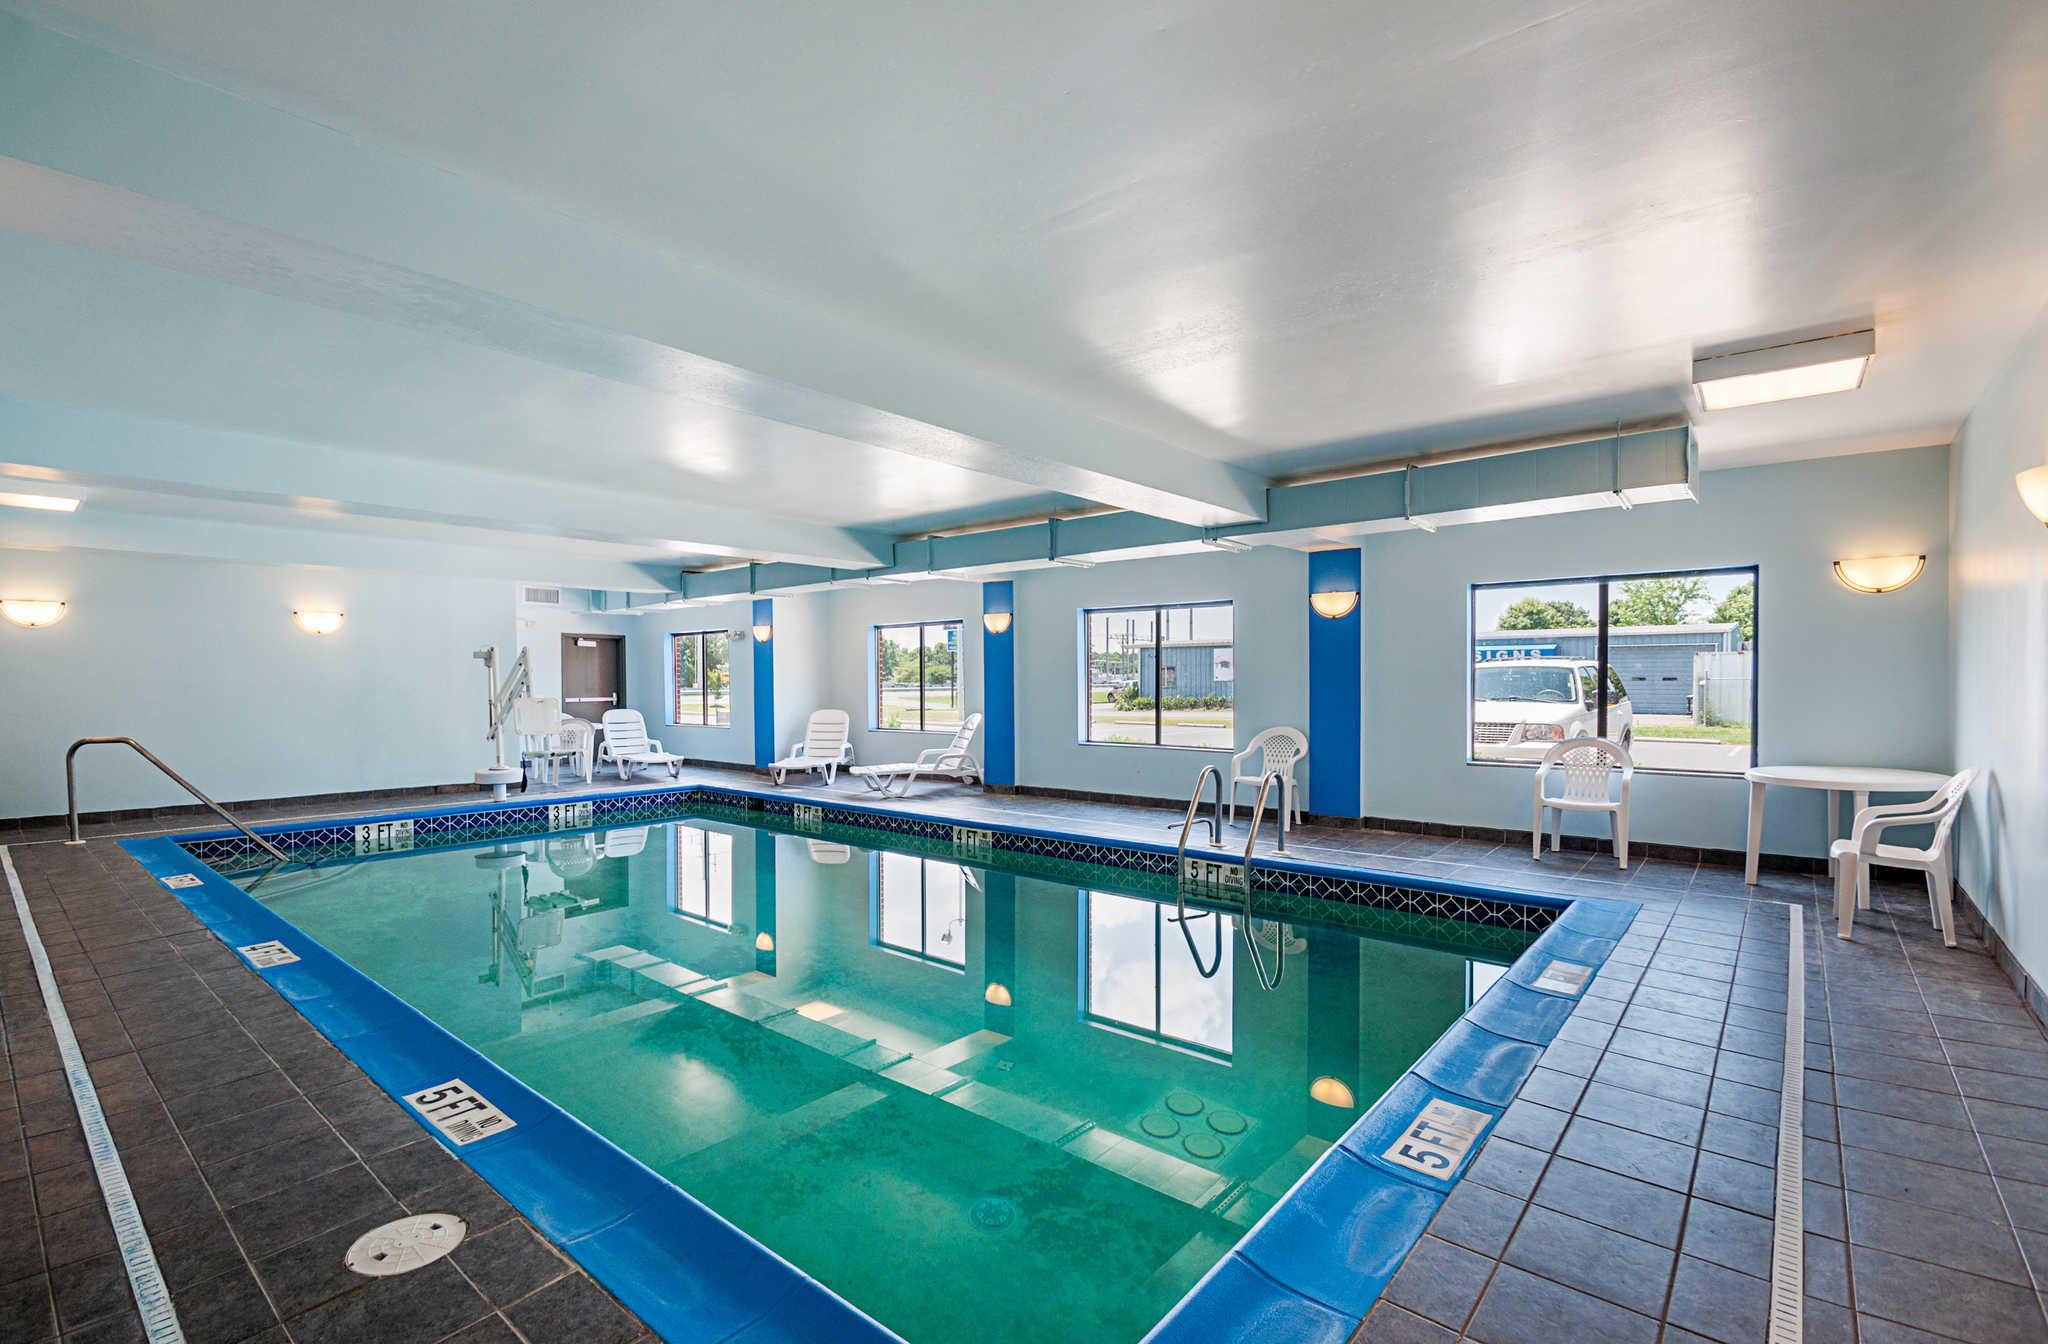 Comfort Inn & Suites Cambridge image 31